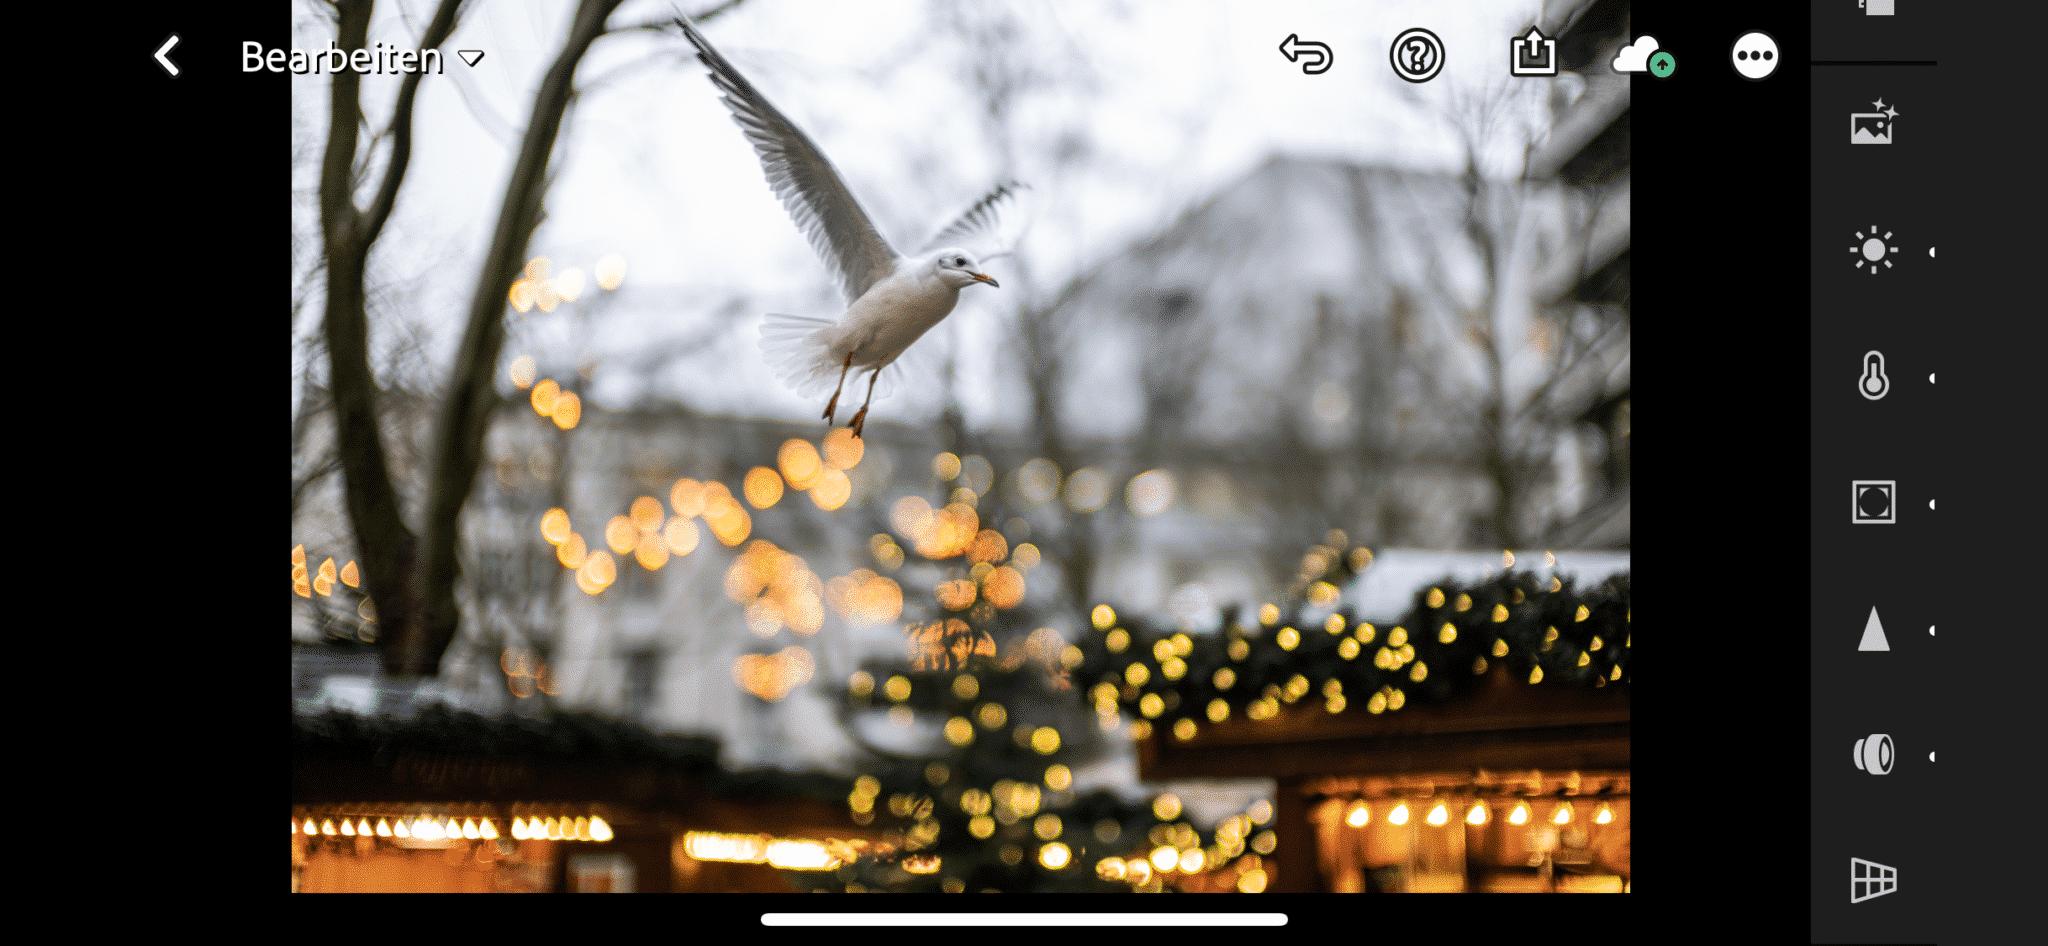 Von der Leica SL2 via Fotos App auf das iPhone übertragen und in der Adobe Lightroom App bearbeitet.